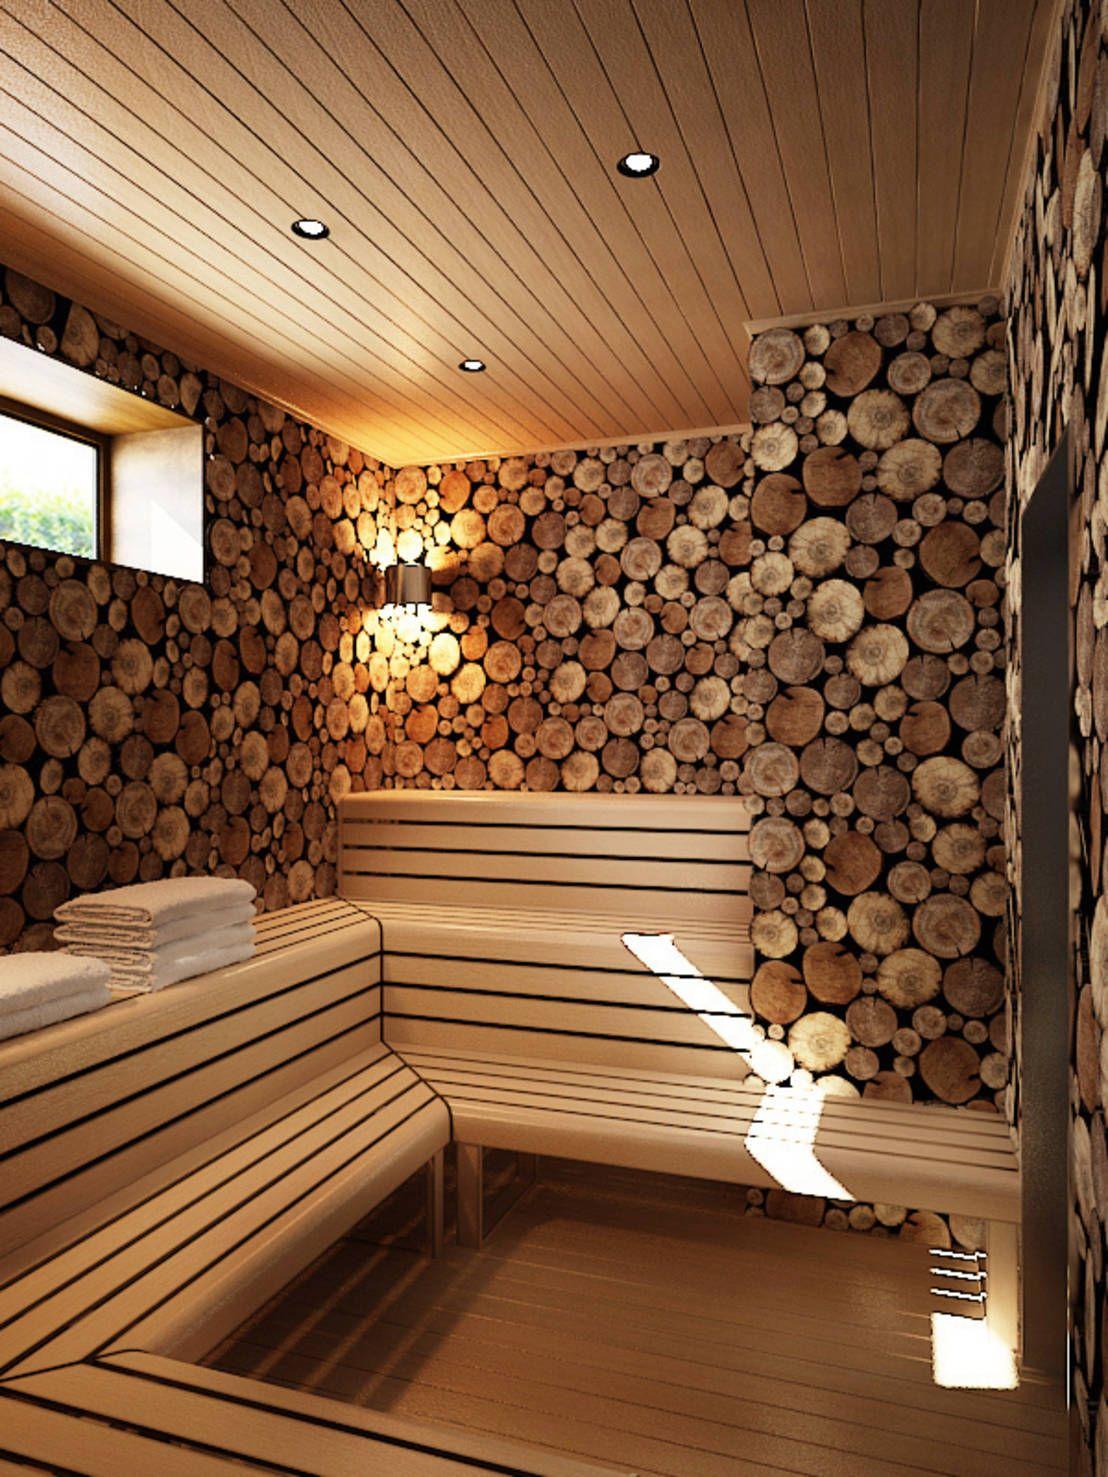 Badezimmer eitelkeiten mit oberen speicher  вариантов дизайна интерьера домашней сауны  sauna  pinterest